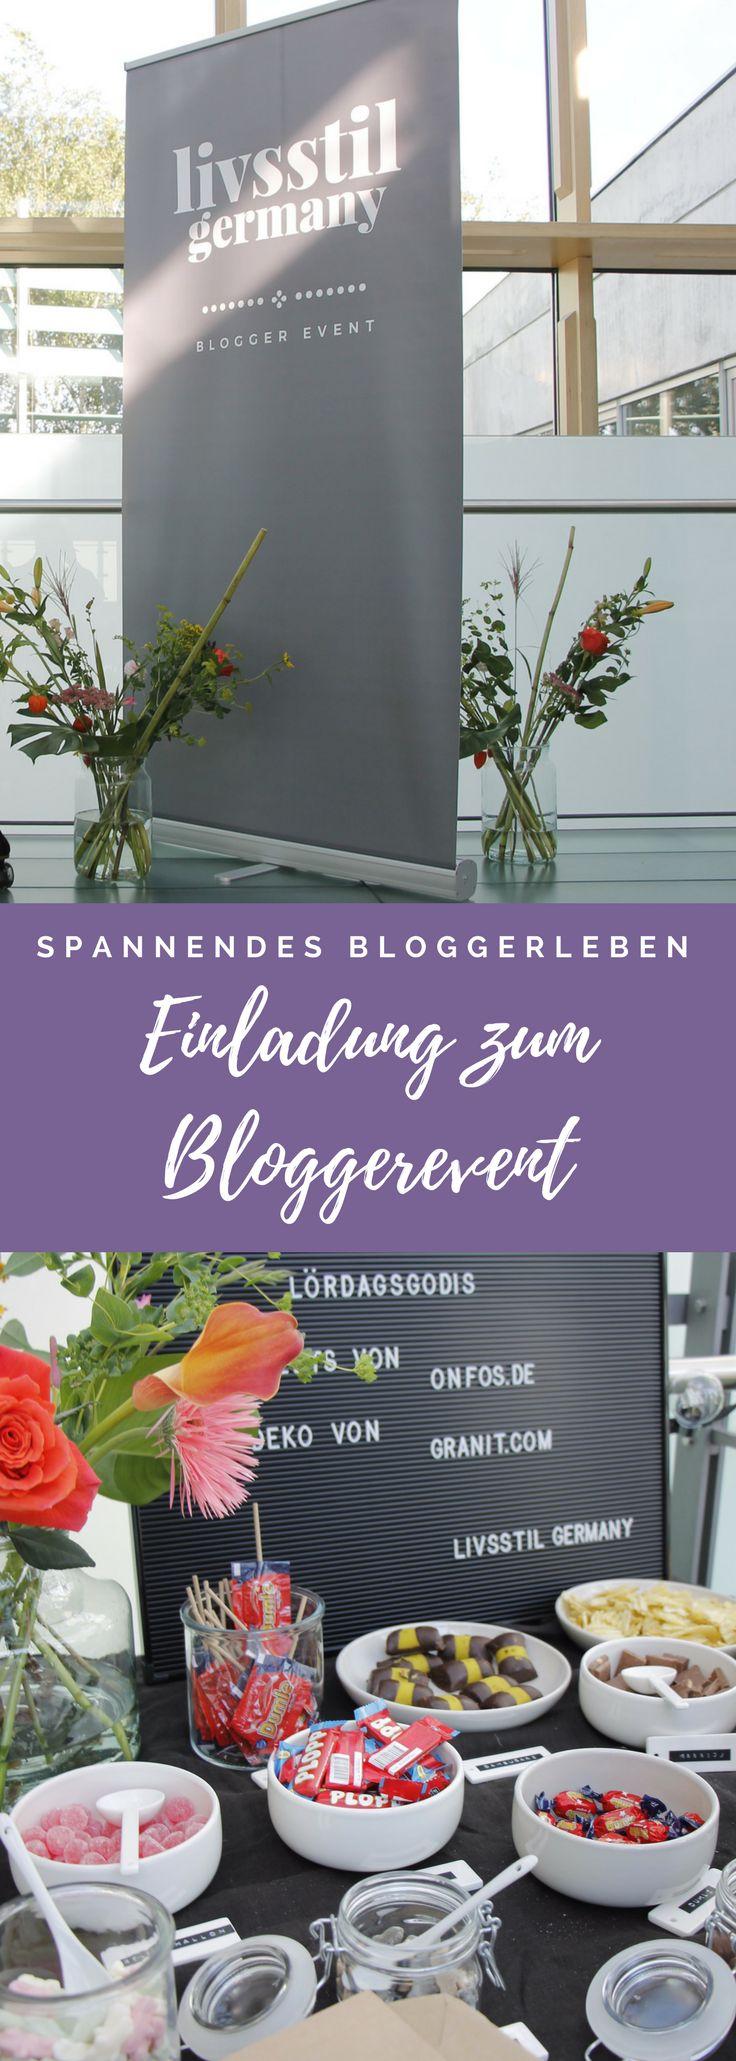 Ich plaudere aus meinem Leben als Vollzeitblogger: Als Blogger wird man oft auf Bloggerevents eingeladen. Wie so ein Blogger Event ablaufen kann, zeigen wir euch am Beispiel des Livsstil Blogger-Event in Berlin.